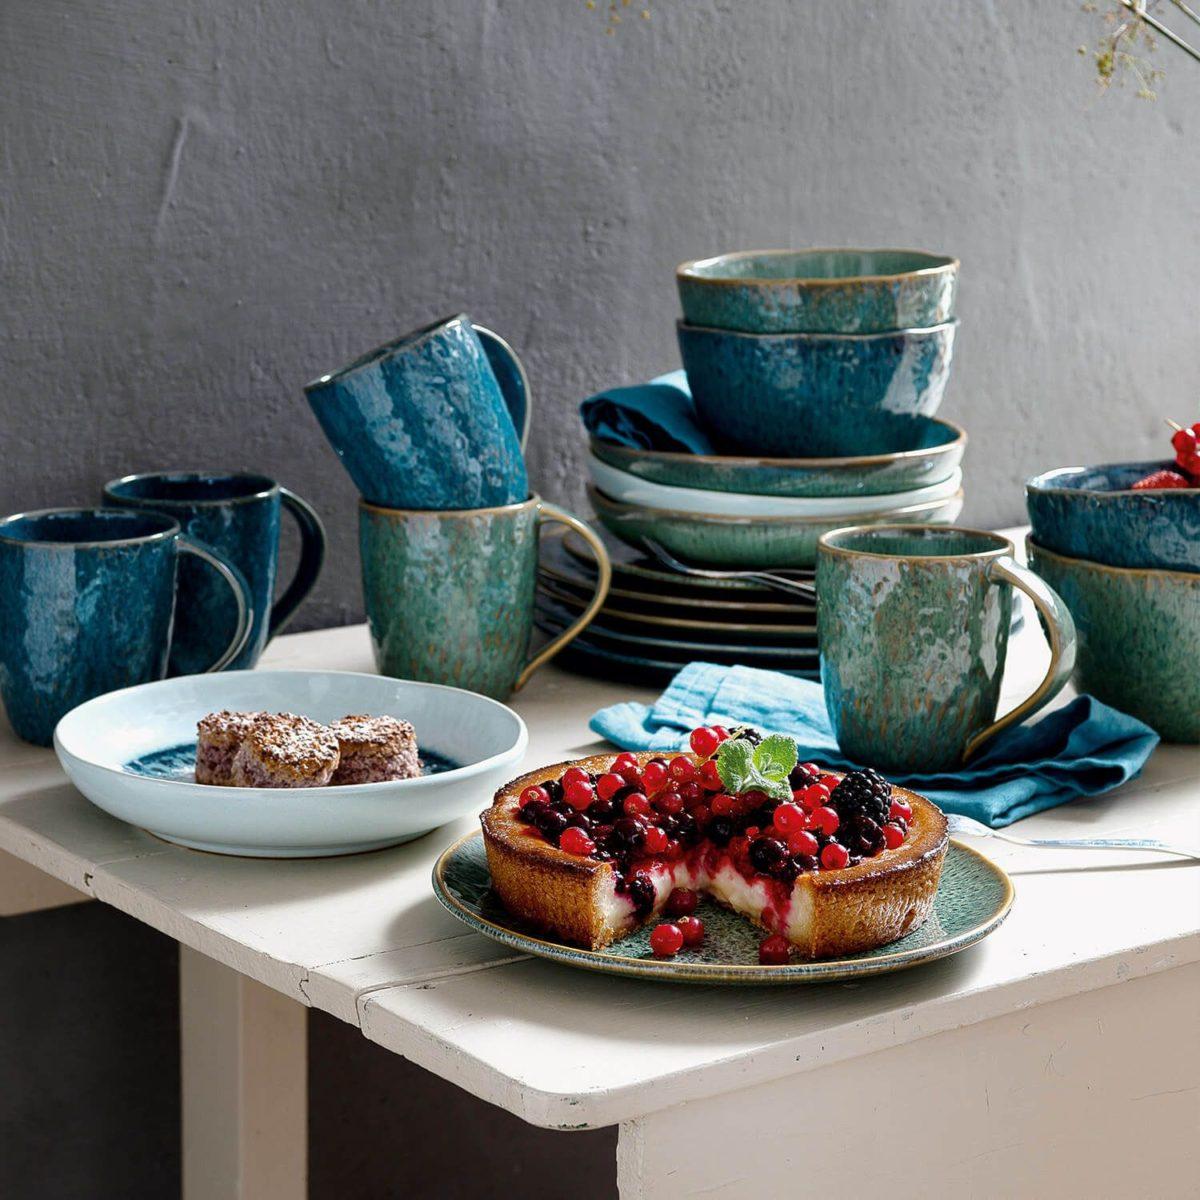 018546 6 k 1 1200x1200 - Farfurie ceramică Matera blue 27 cm (L018547)